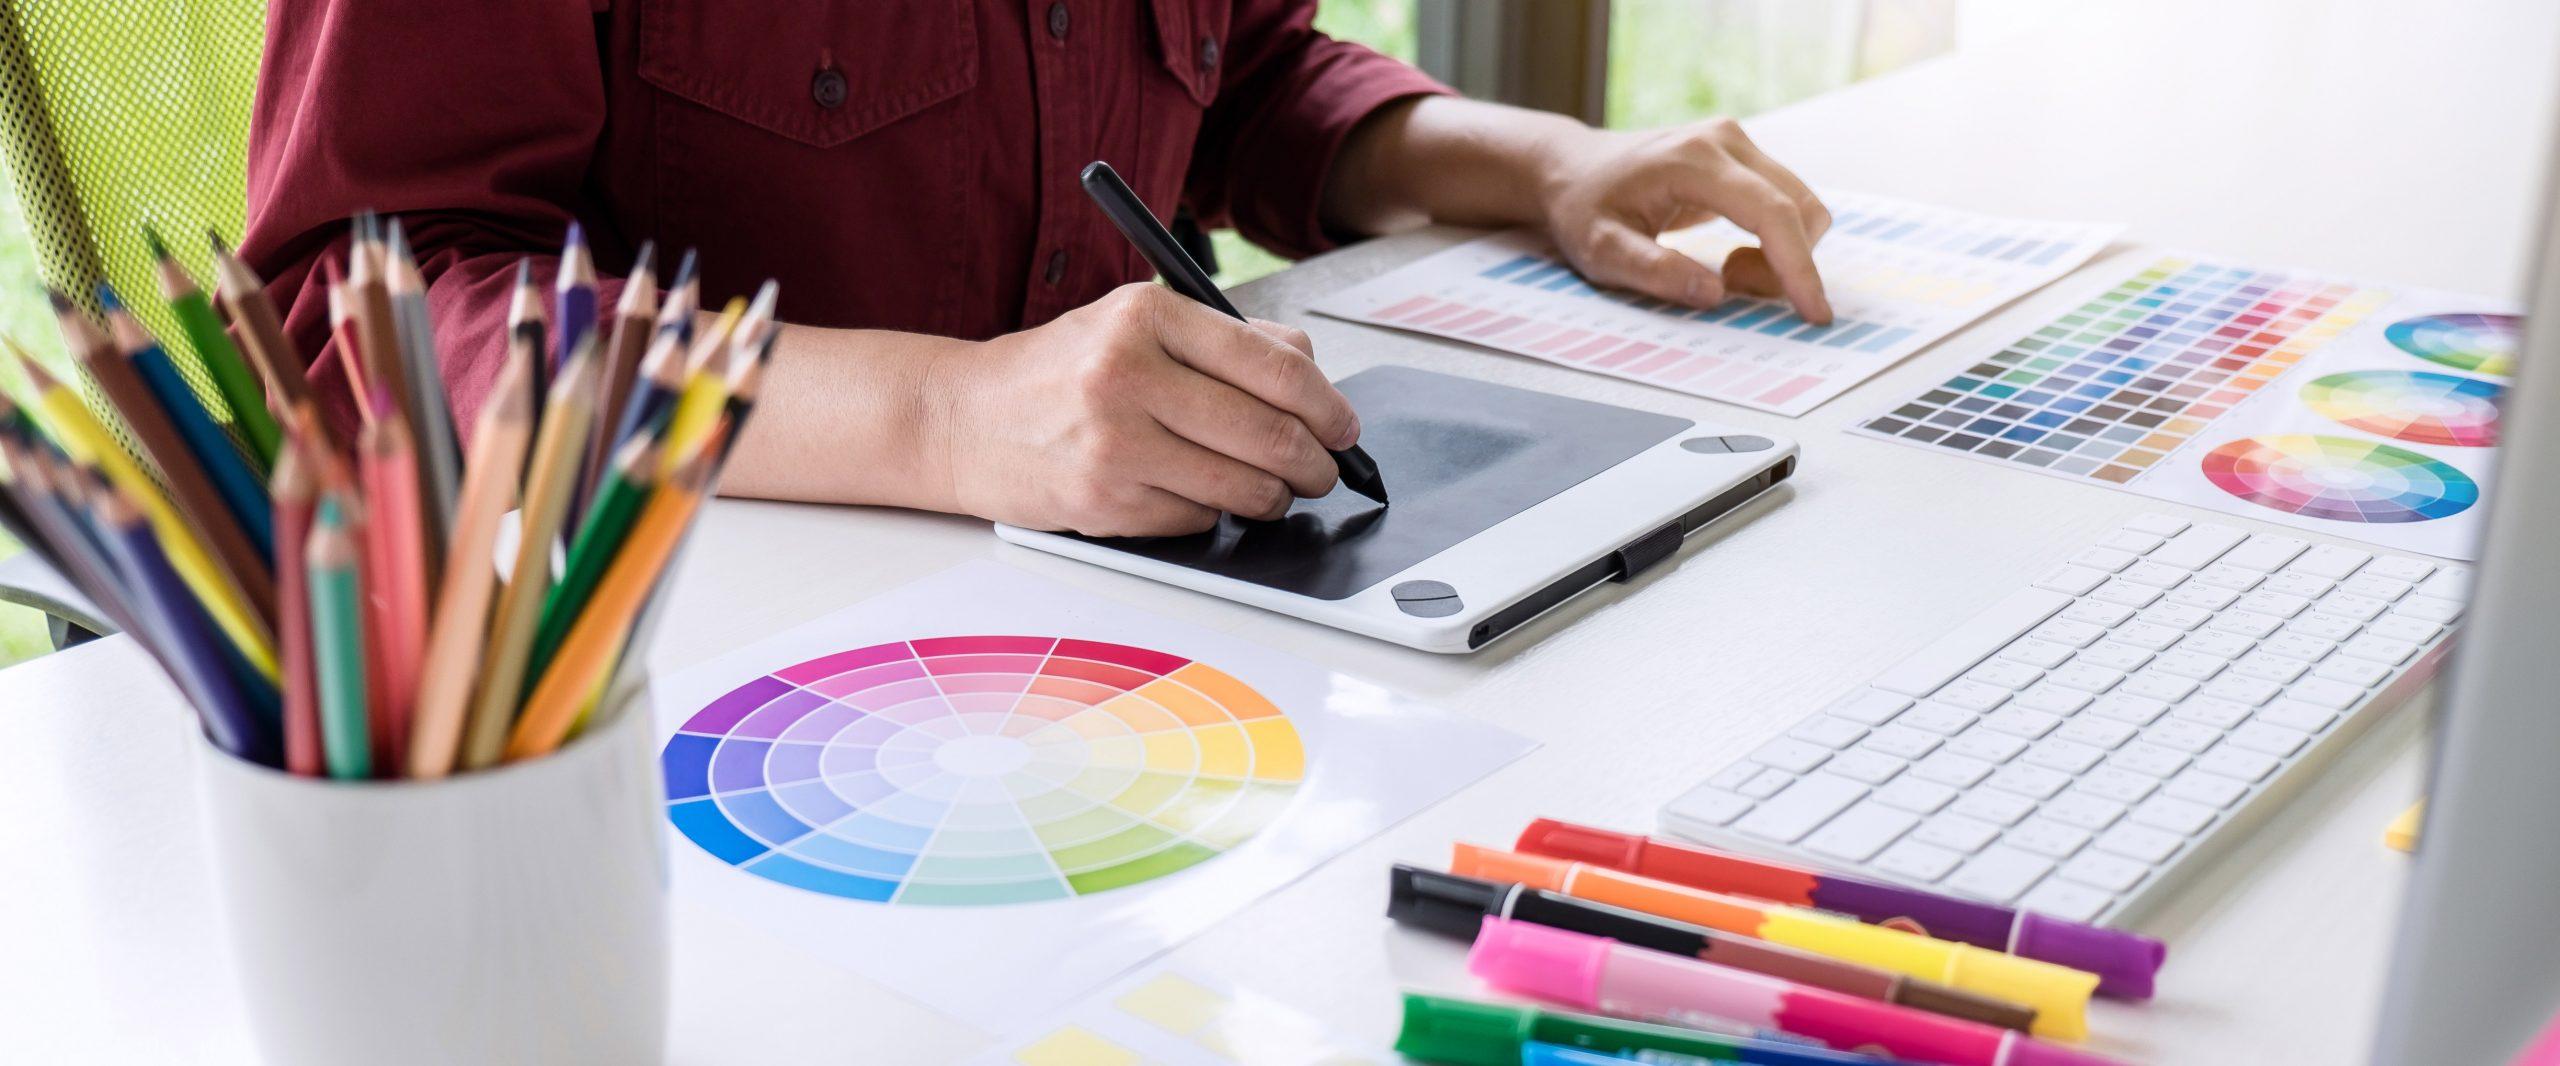 Onlinekurs Färg för webb och tryck